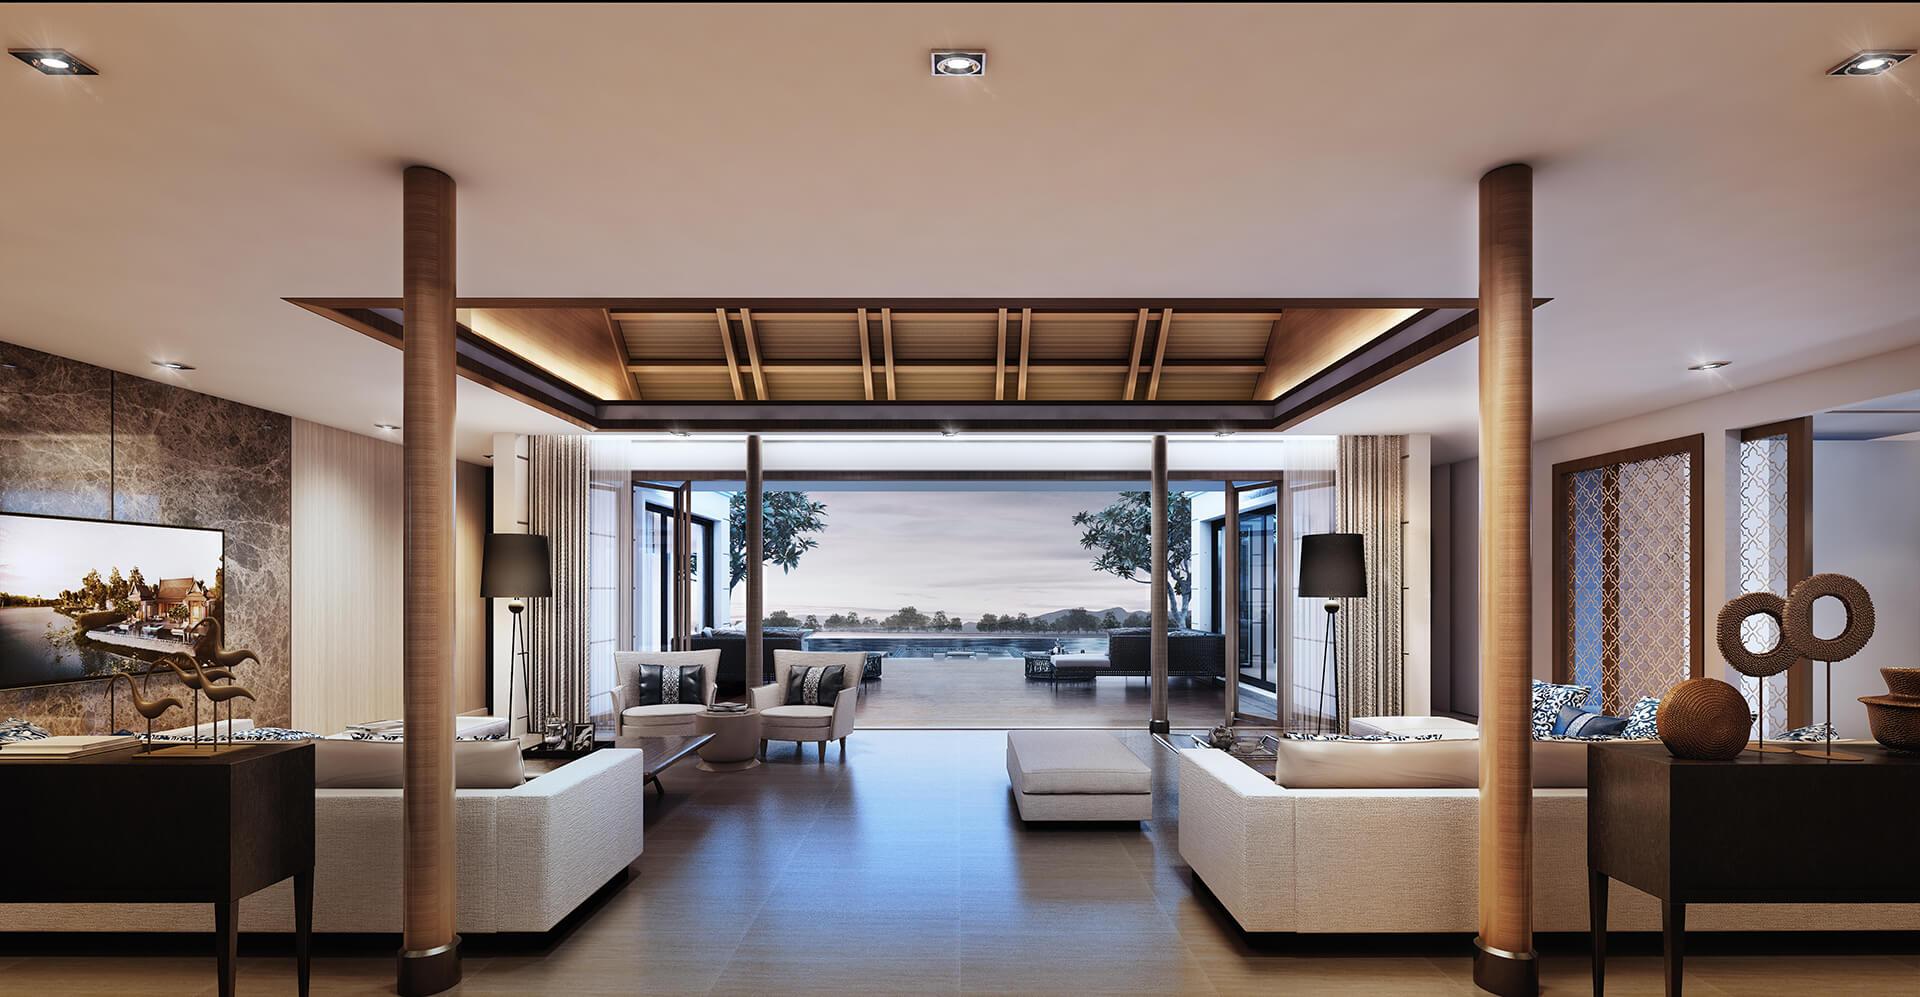 GRAND RESIDENCES (LIVING ROOM)